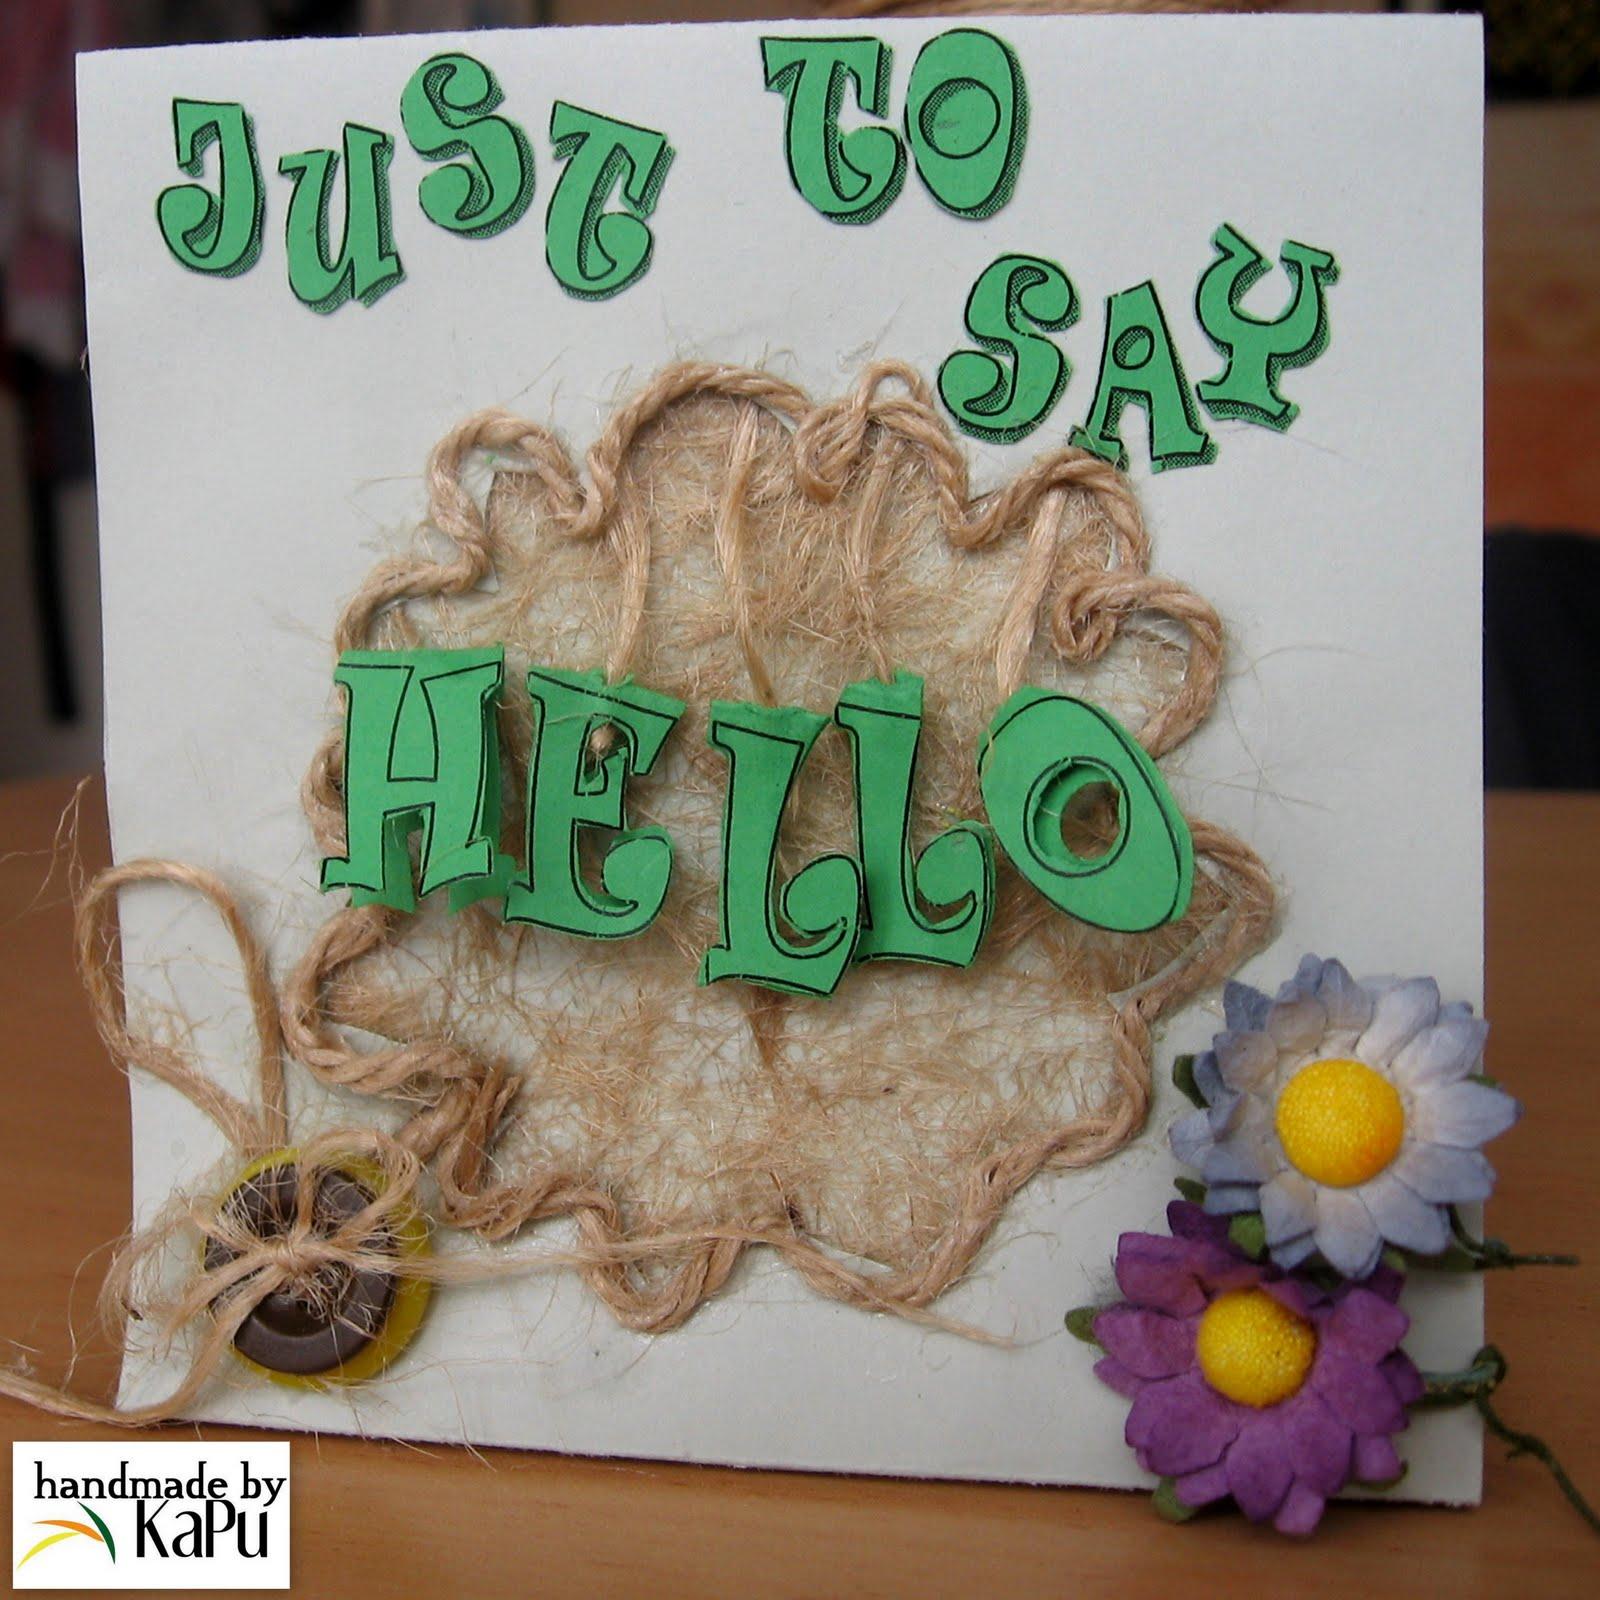 http://4.bp.blogspot.com/_RQYXfRYFRJ4/TCxHUAUlO3I/AAAAAAAAA20/Wxnsjh9l1SM/s1600/just+to+say+hello+1.jpg